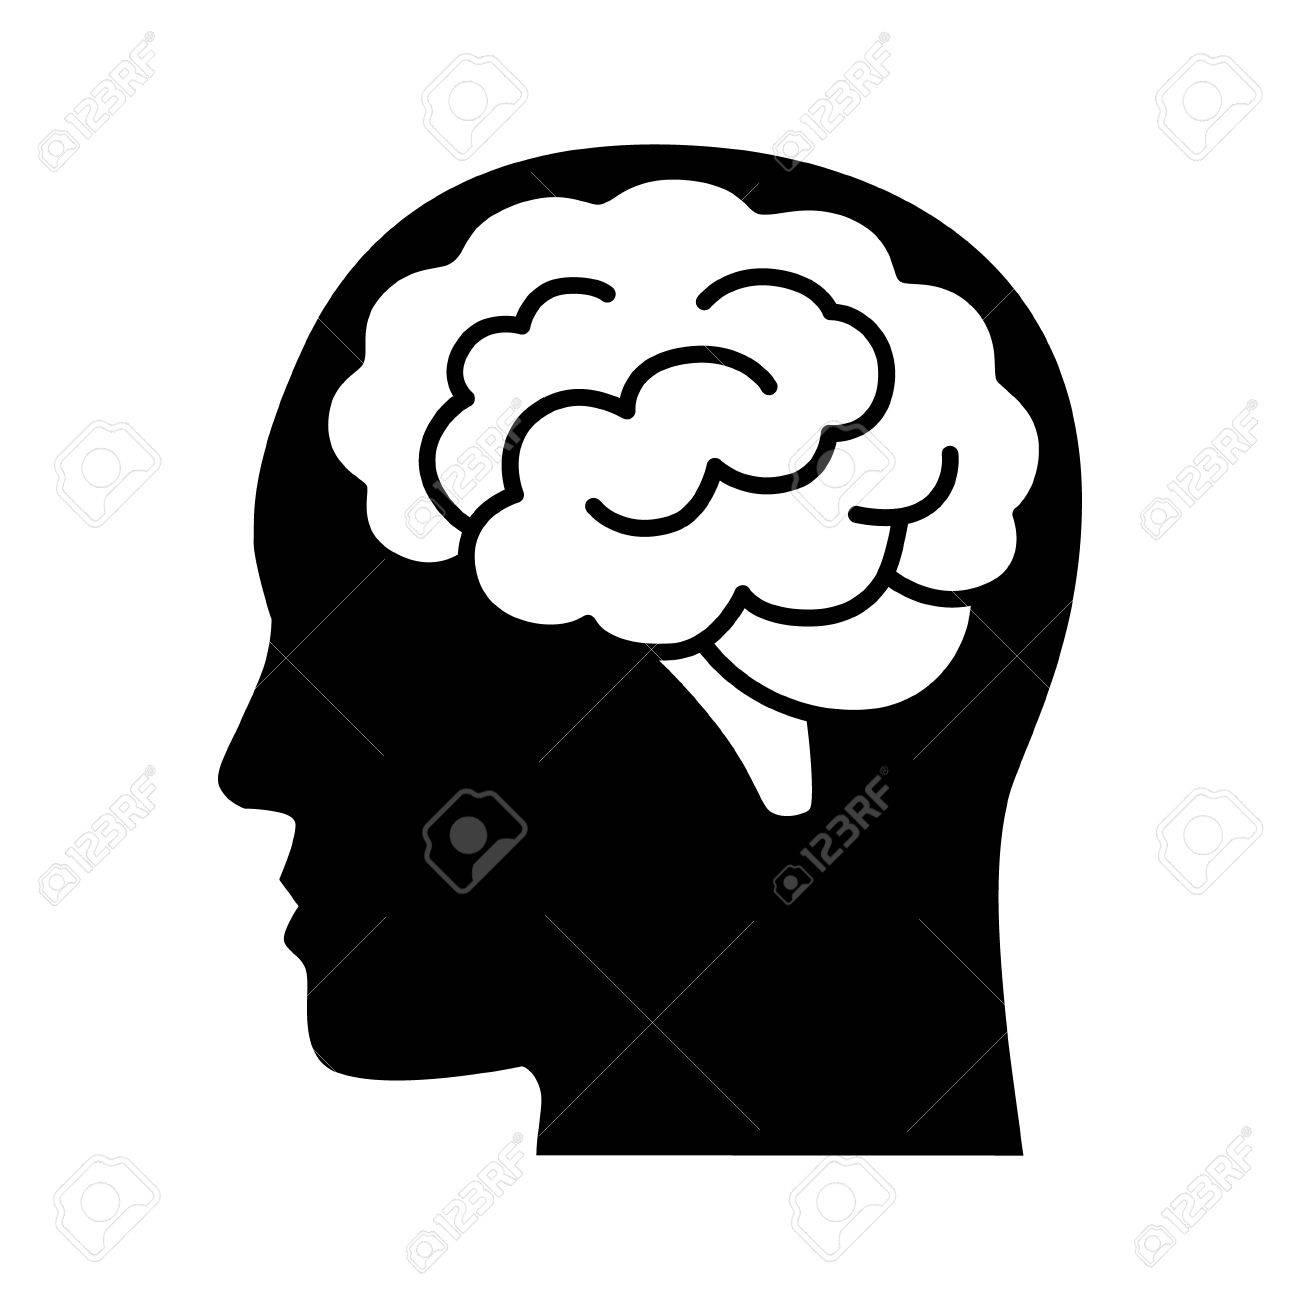 Único Dentro Diagrama Cerebro Molde - Imágenes de Anatomía Humana ...